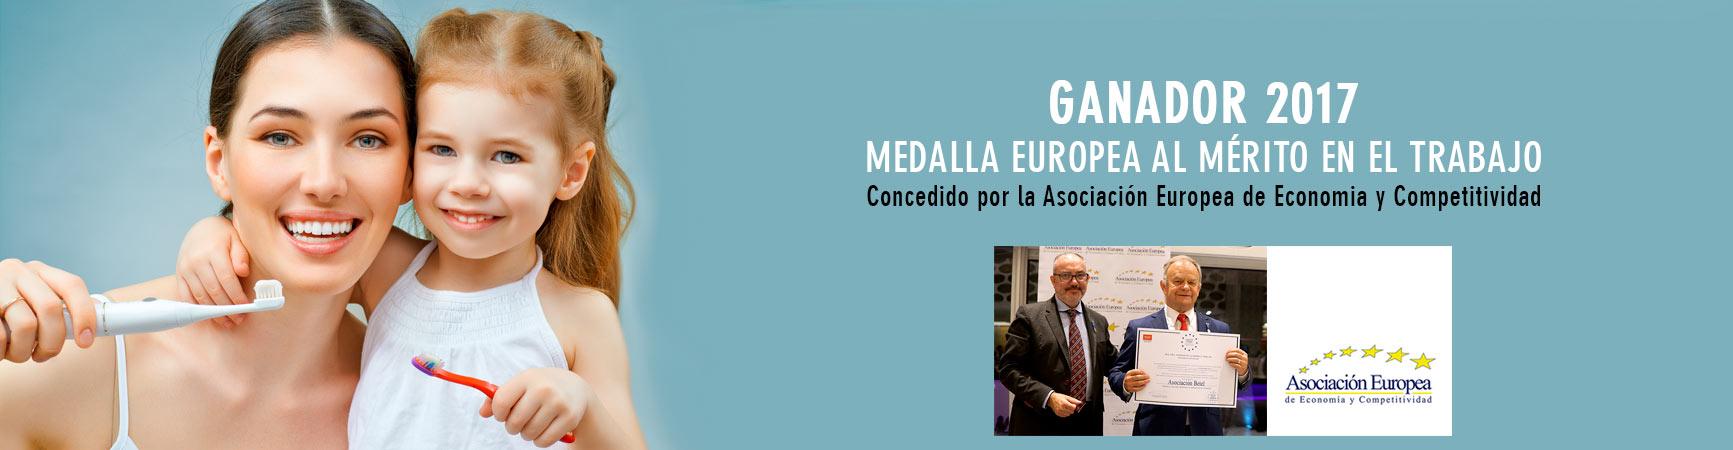 Clinica Betel - Medalla Europea al Mérito en el Trabajo